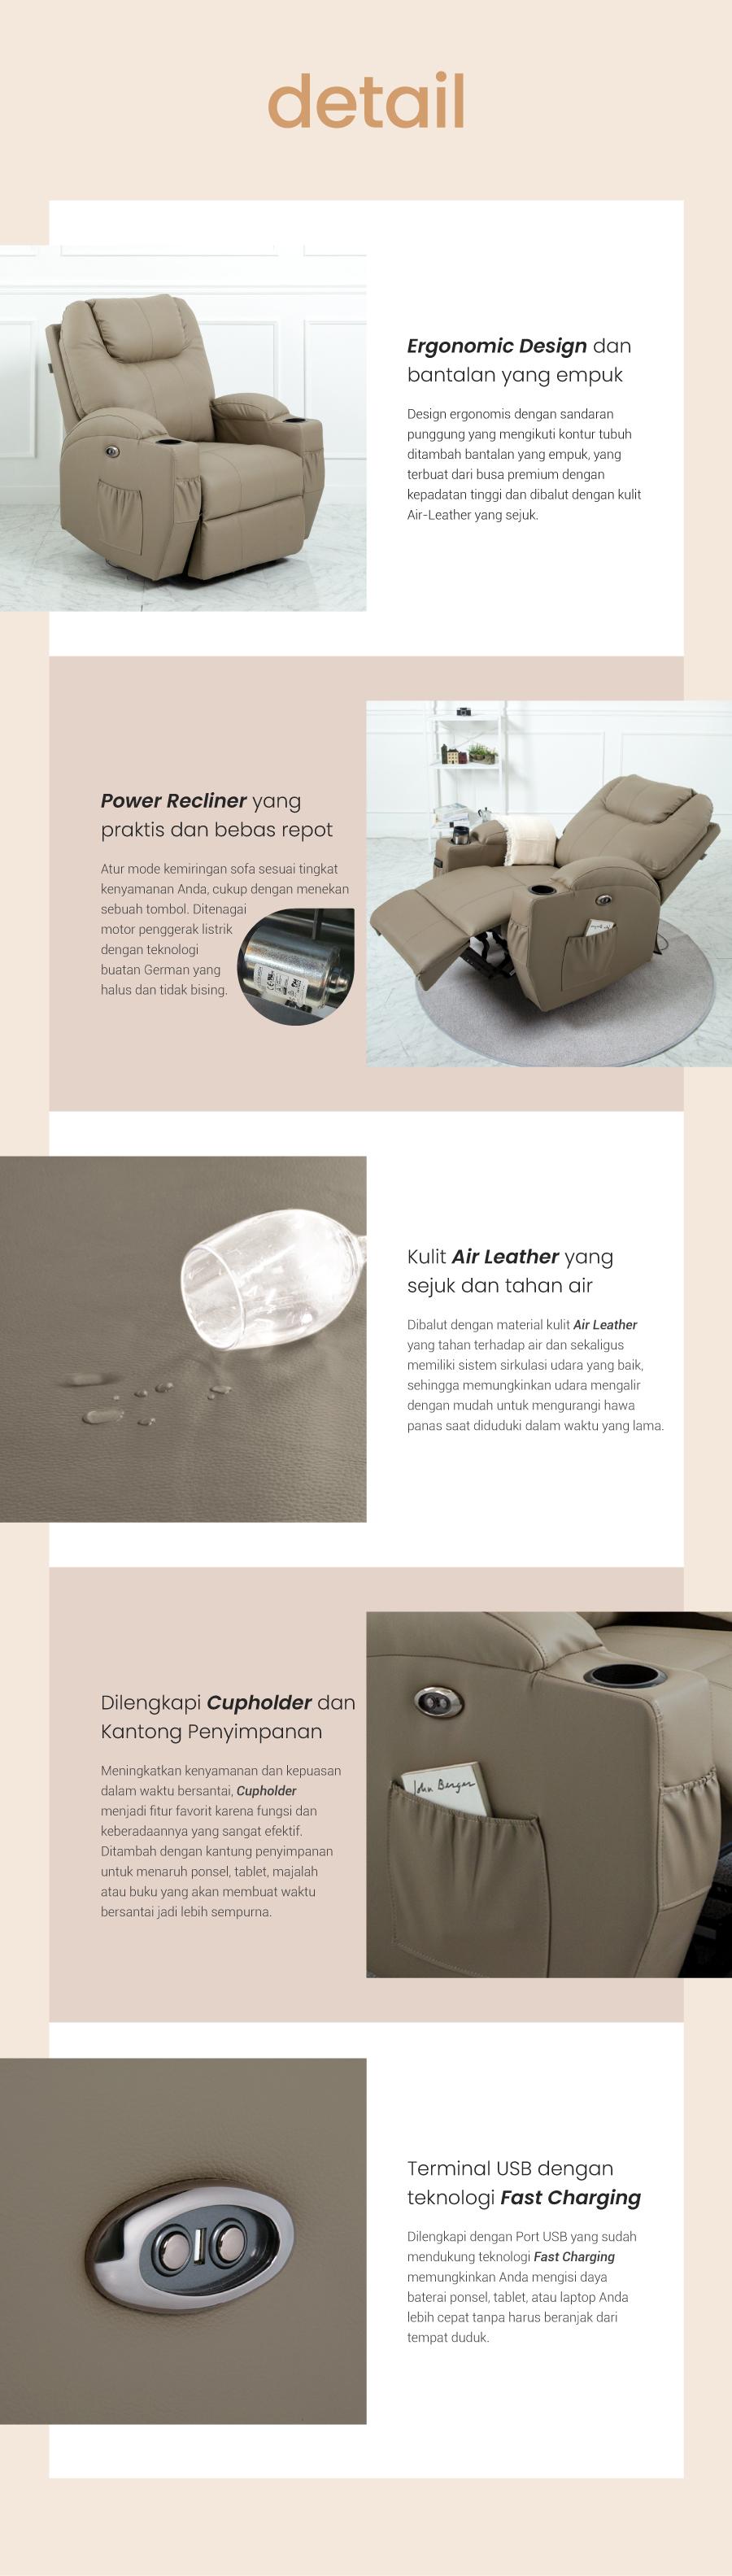 comode_cupholder_detail.jpg